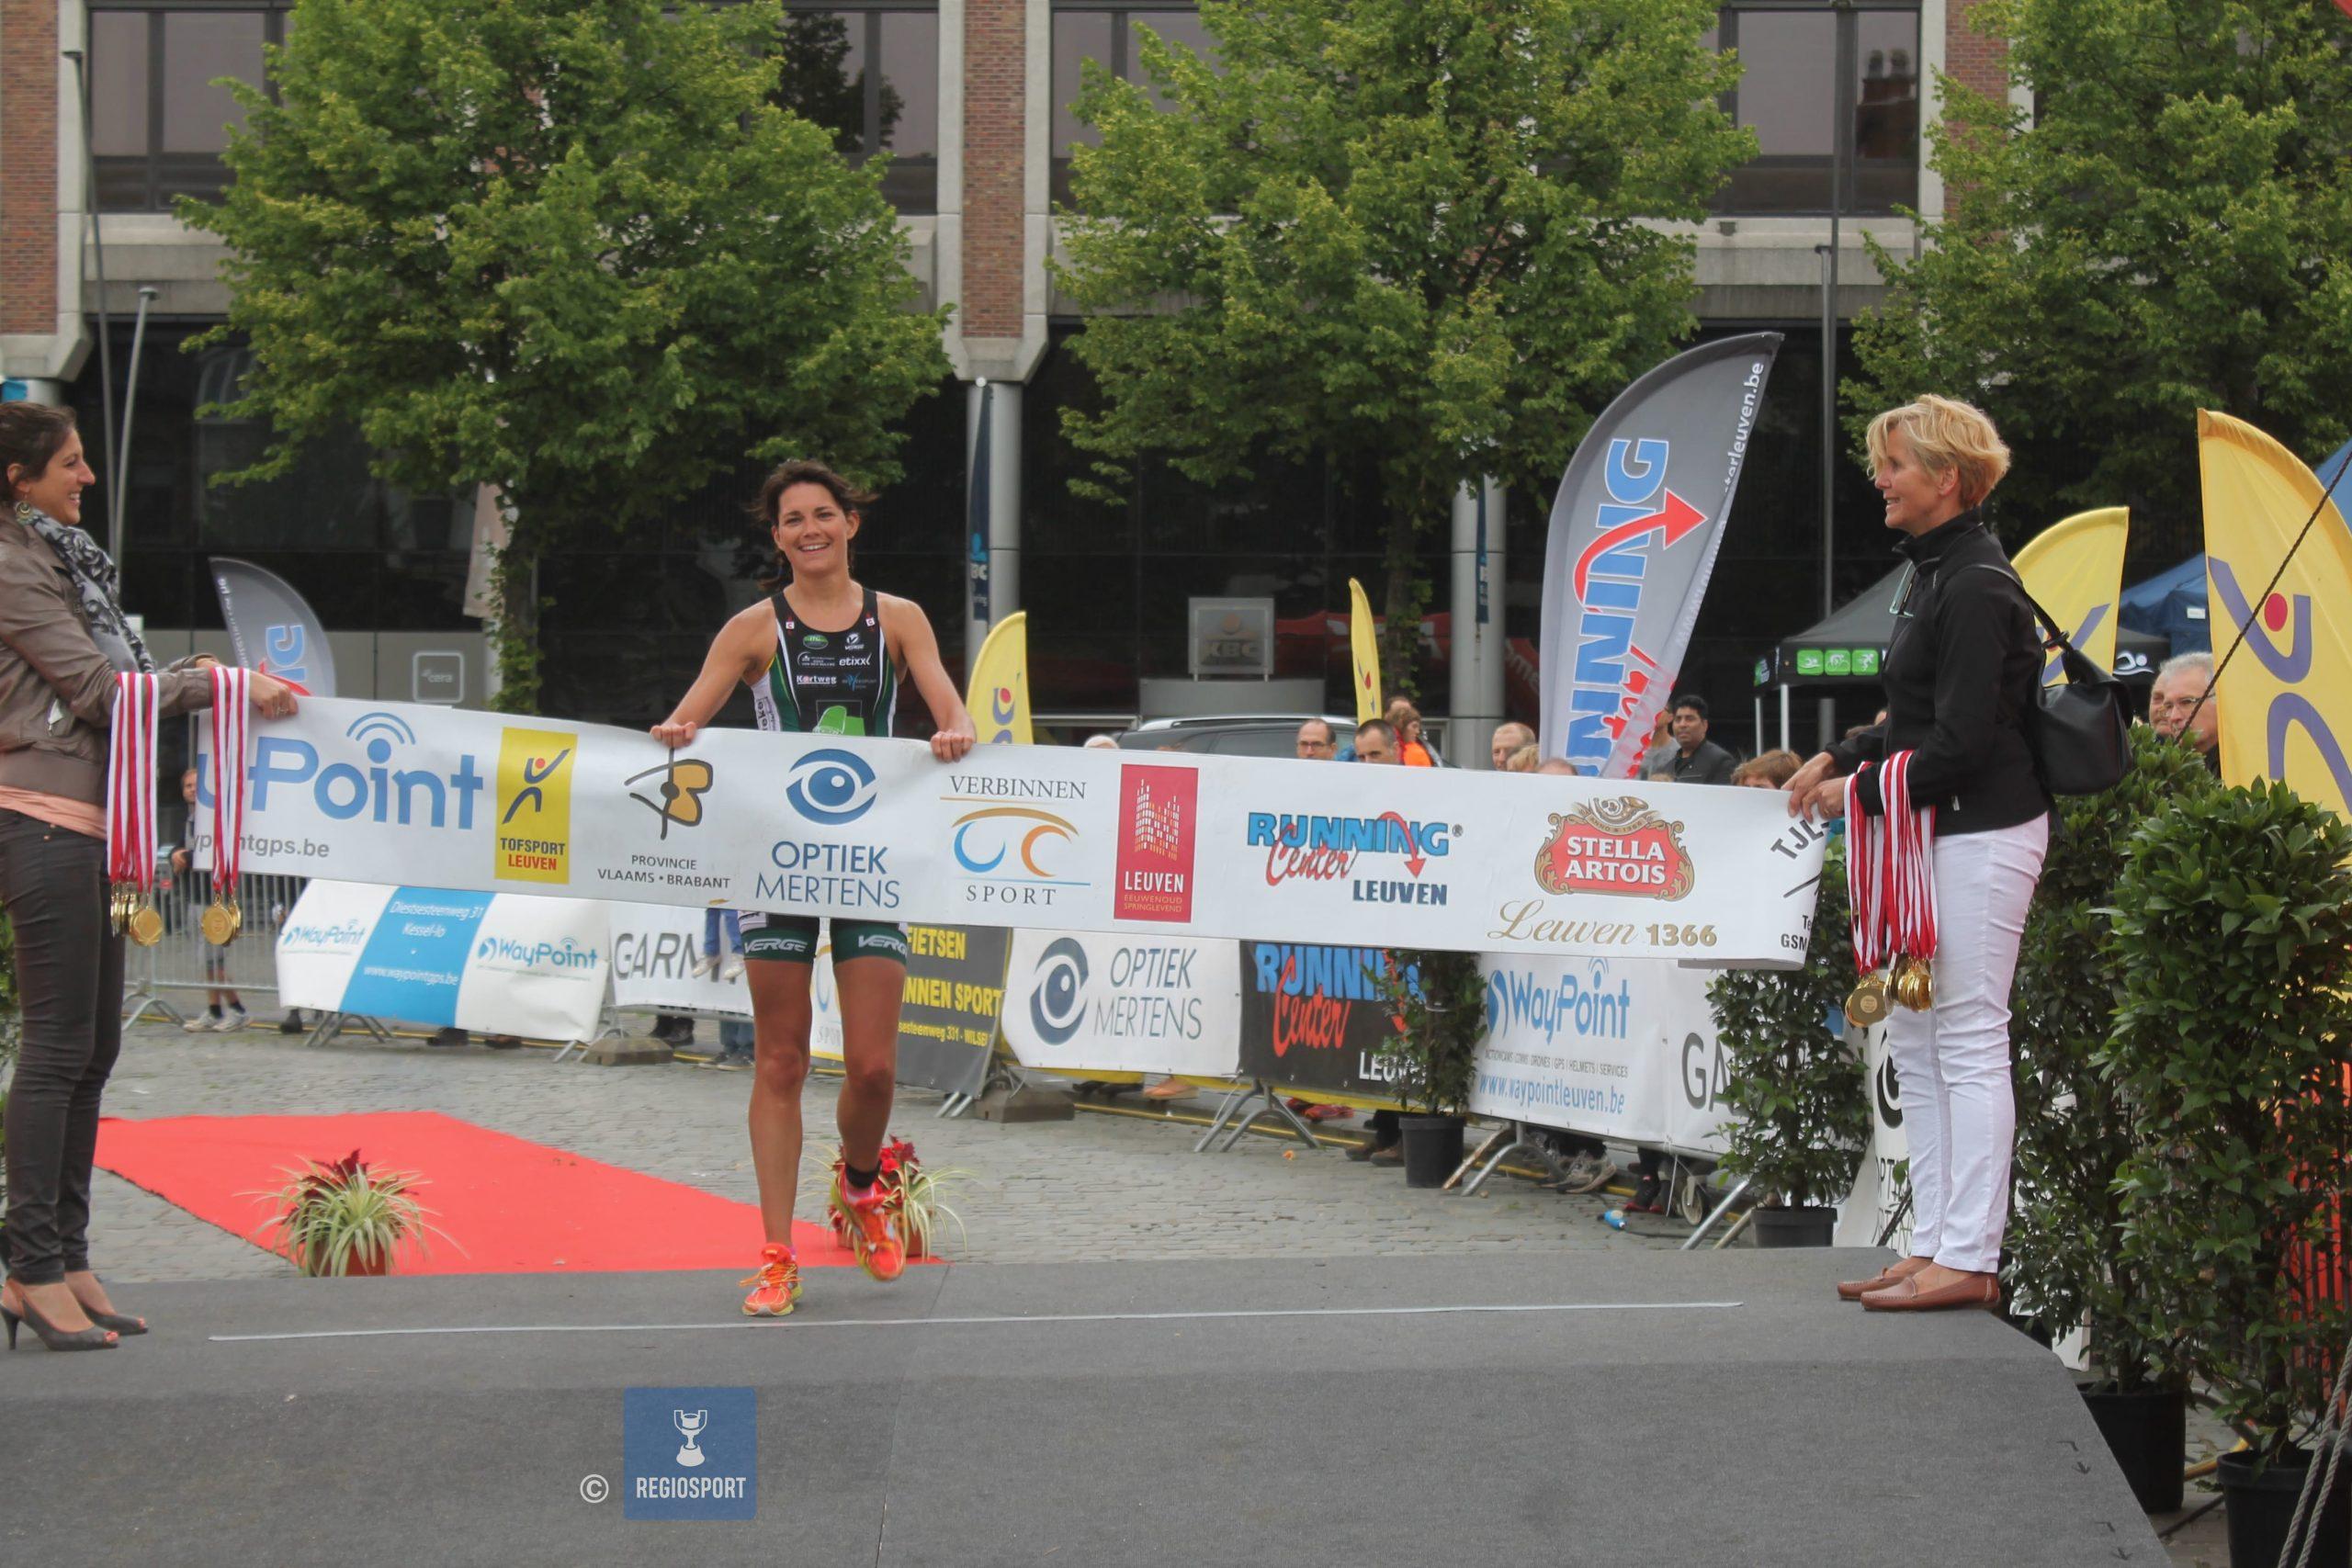 Leuvense City Triatlon opnieuw geannuleerd, op naar 2022